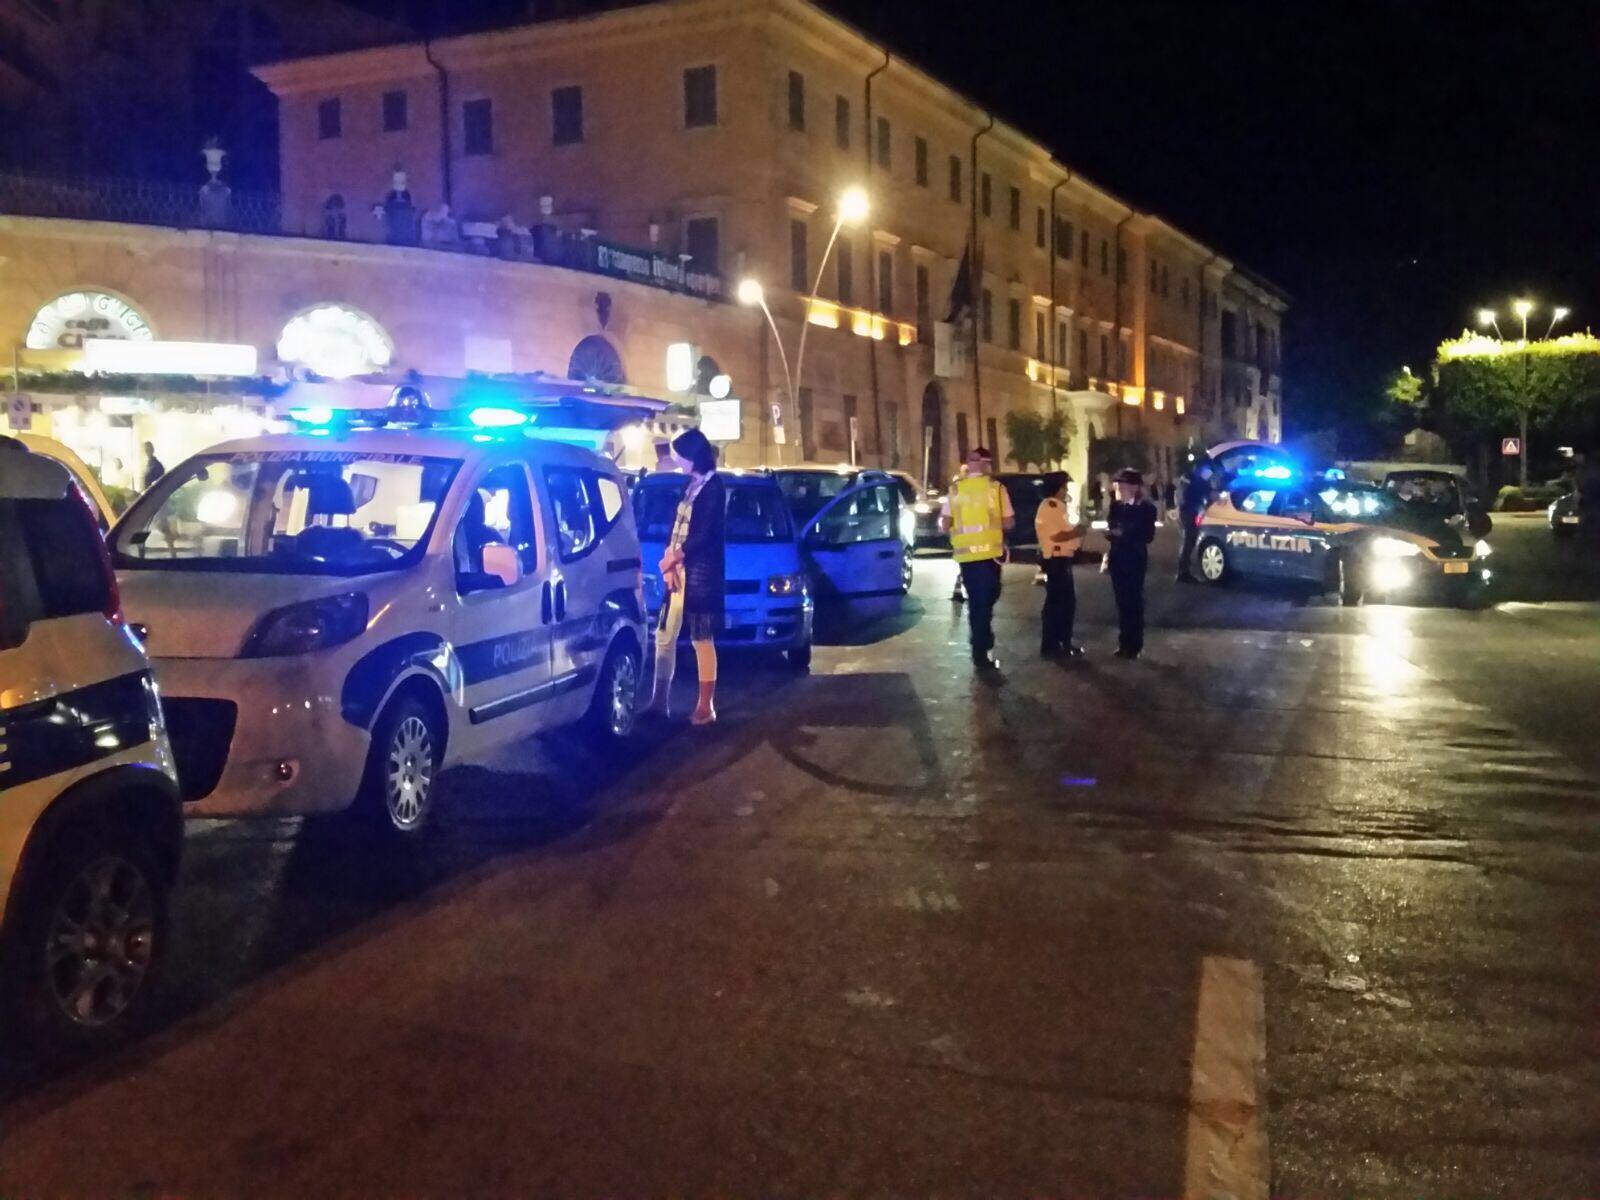 Foto interventi serali in Piazza Marconi